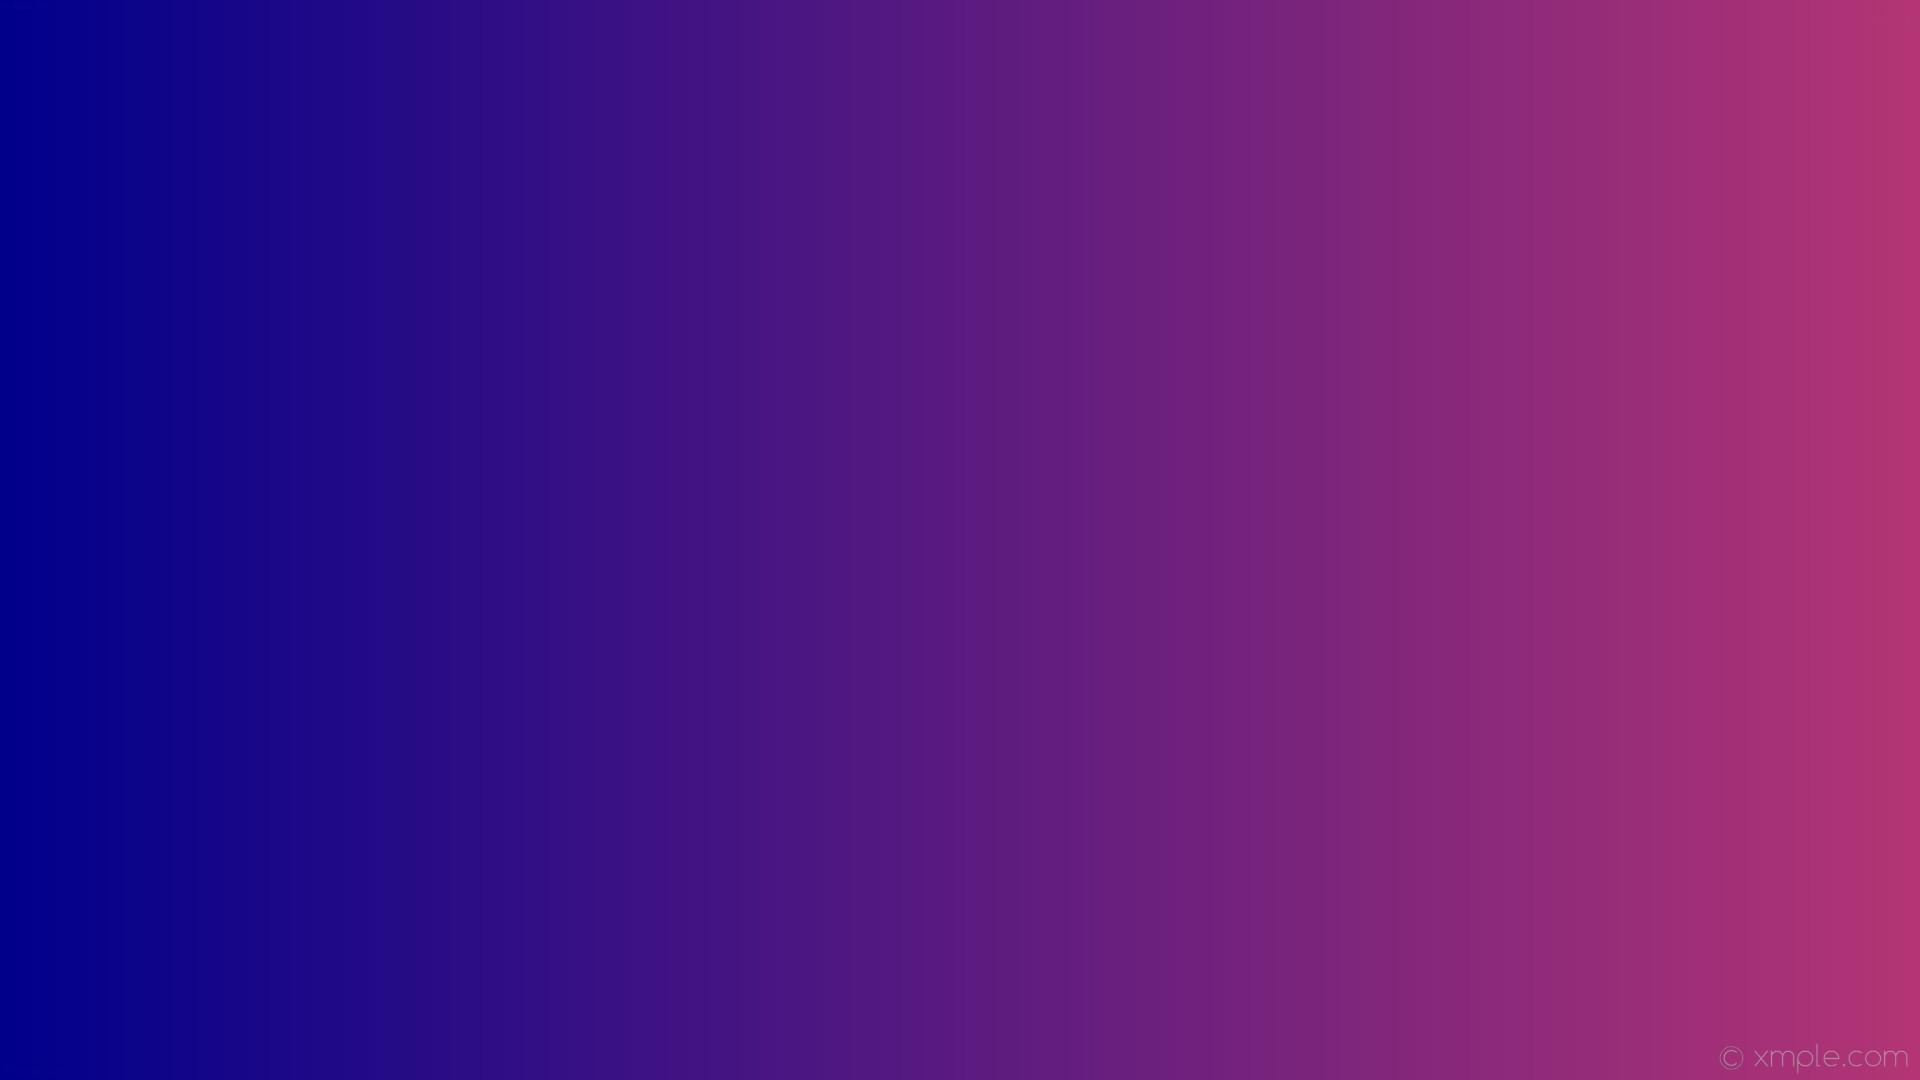 wallpaper blue gradient linear pink dark blue #b43575 #00008b 0°